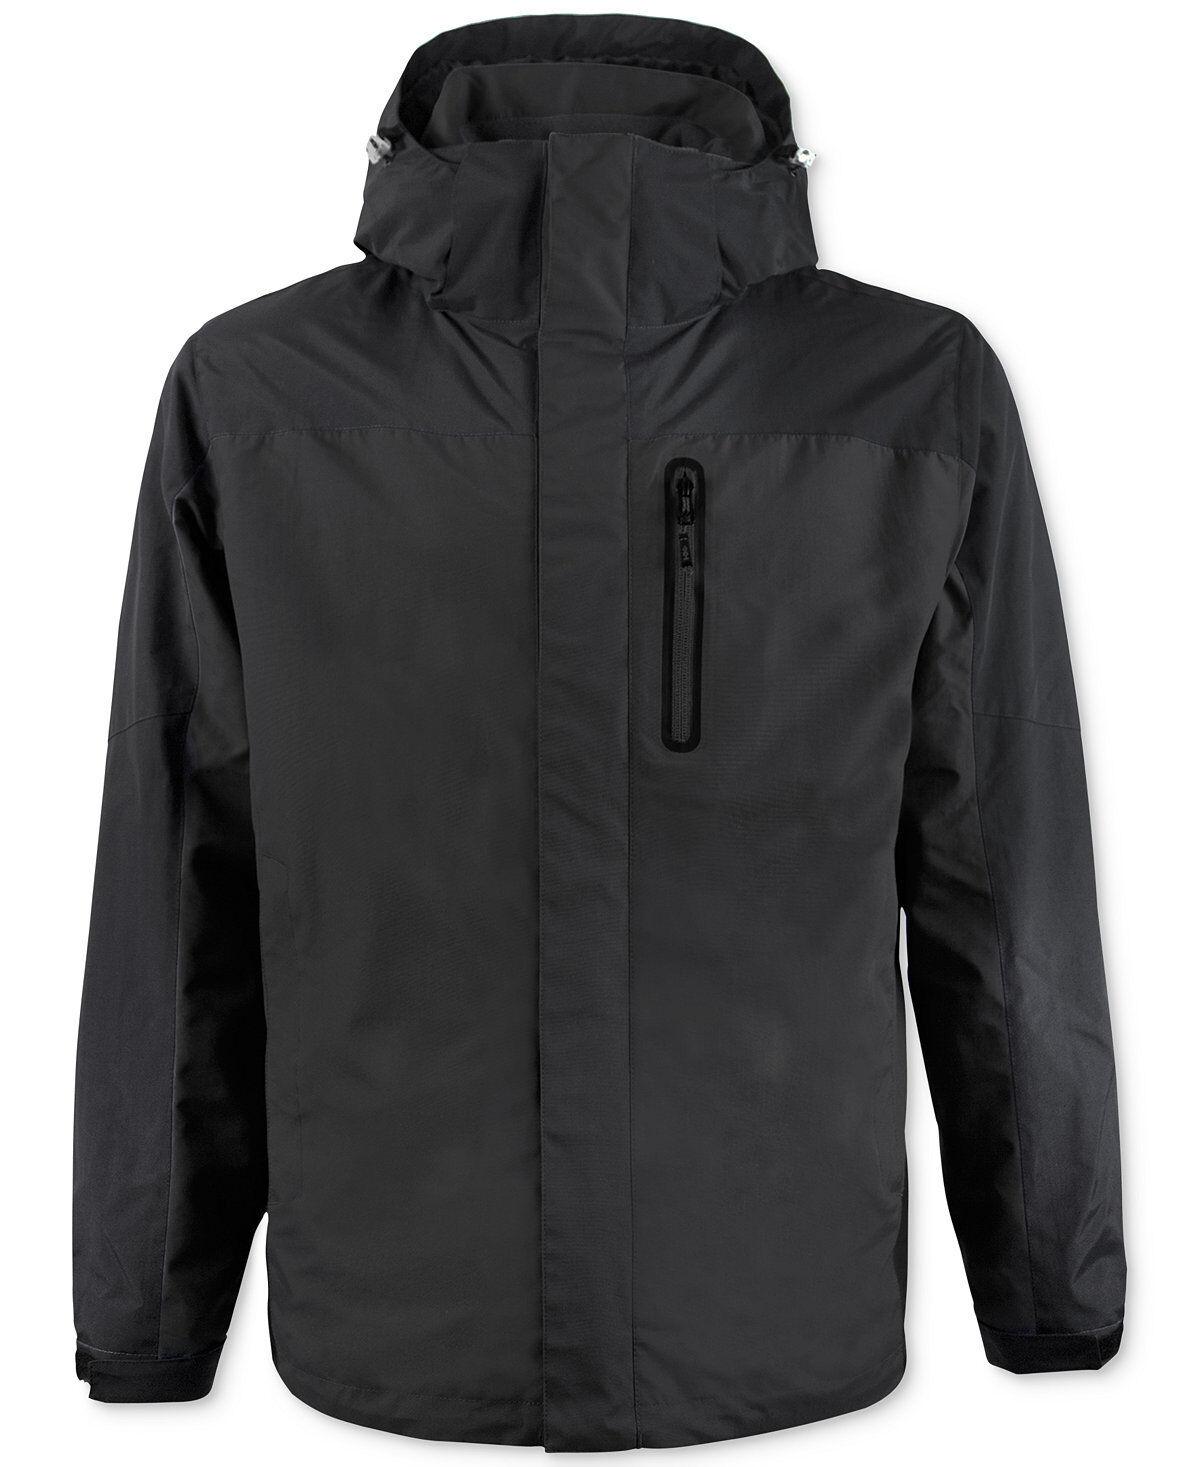 Nuevo  299 Hawke  & Co Negro para Hombre con Capucha Abrigo Chaqueta Softshell Parka aislado S  Entrega gratuita y rápida disponible.